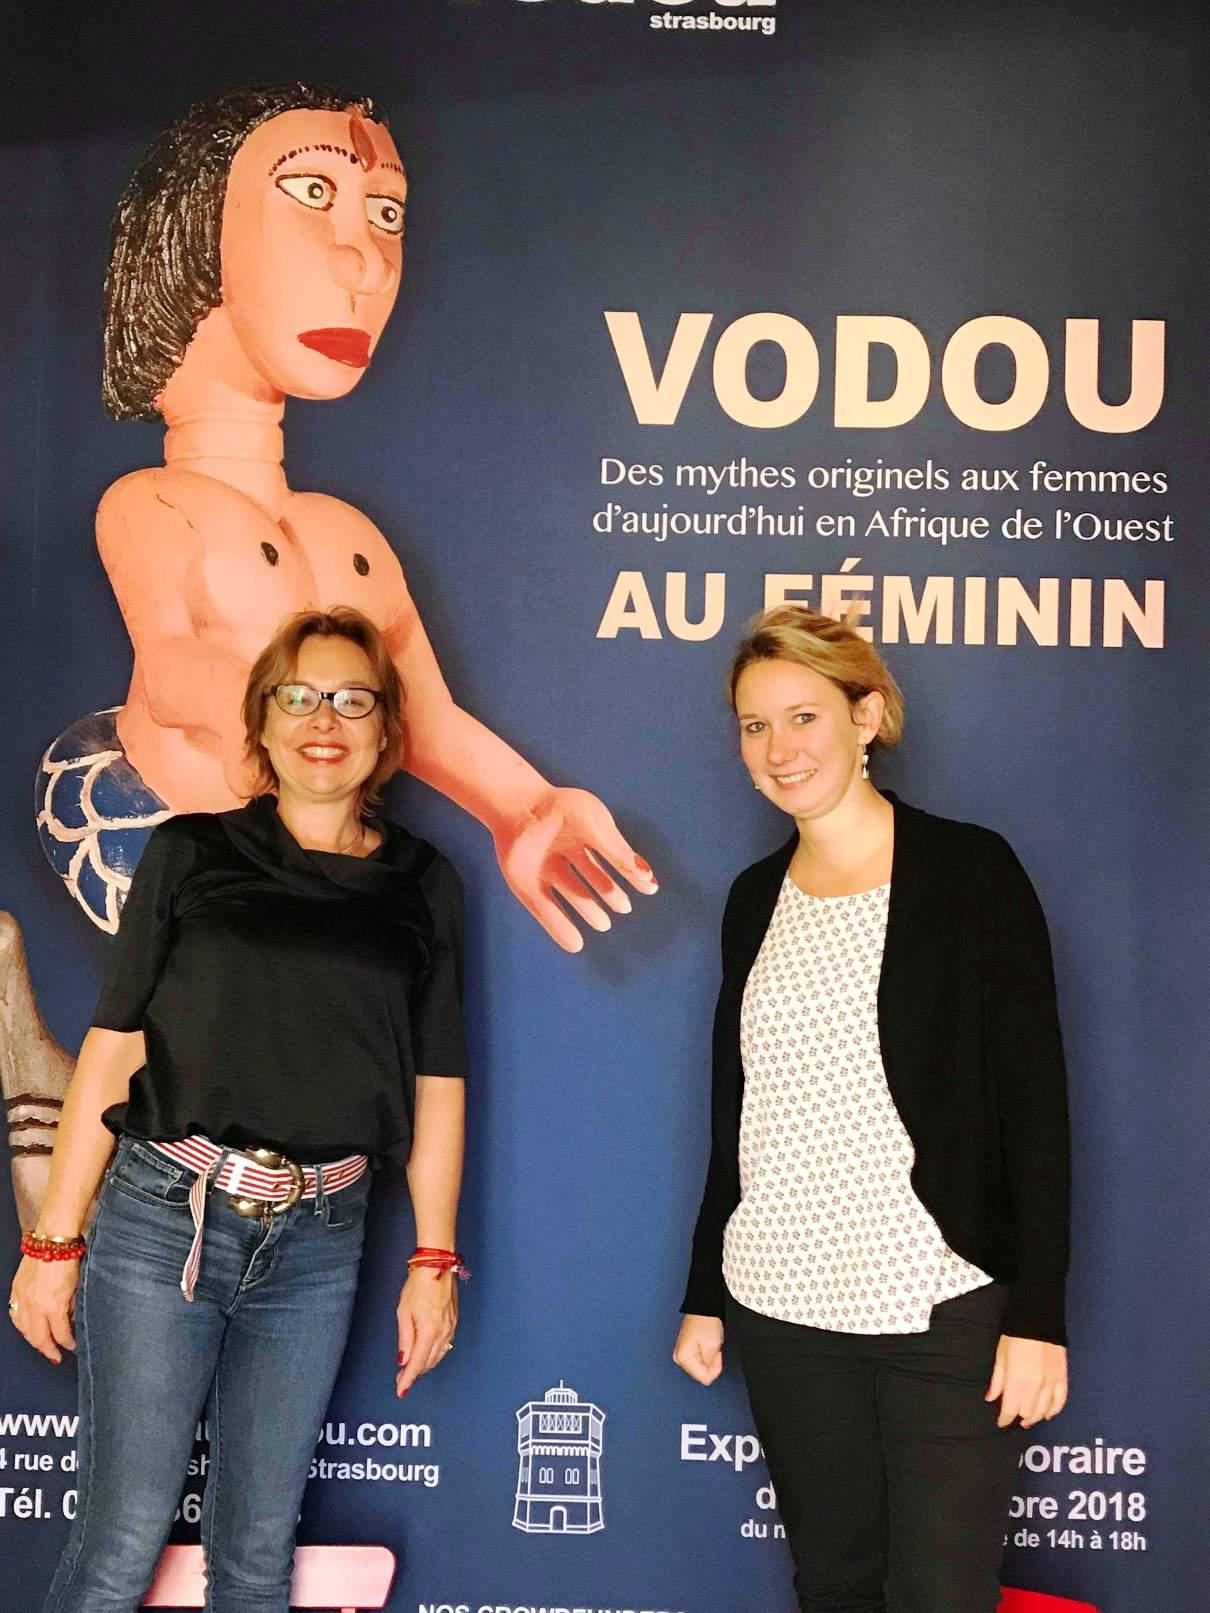 fin de l'expo Vodou au féminin